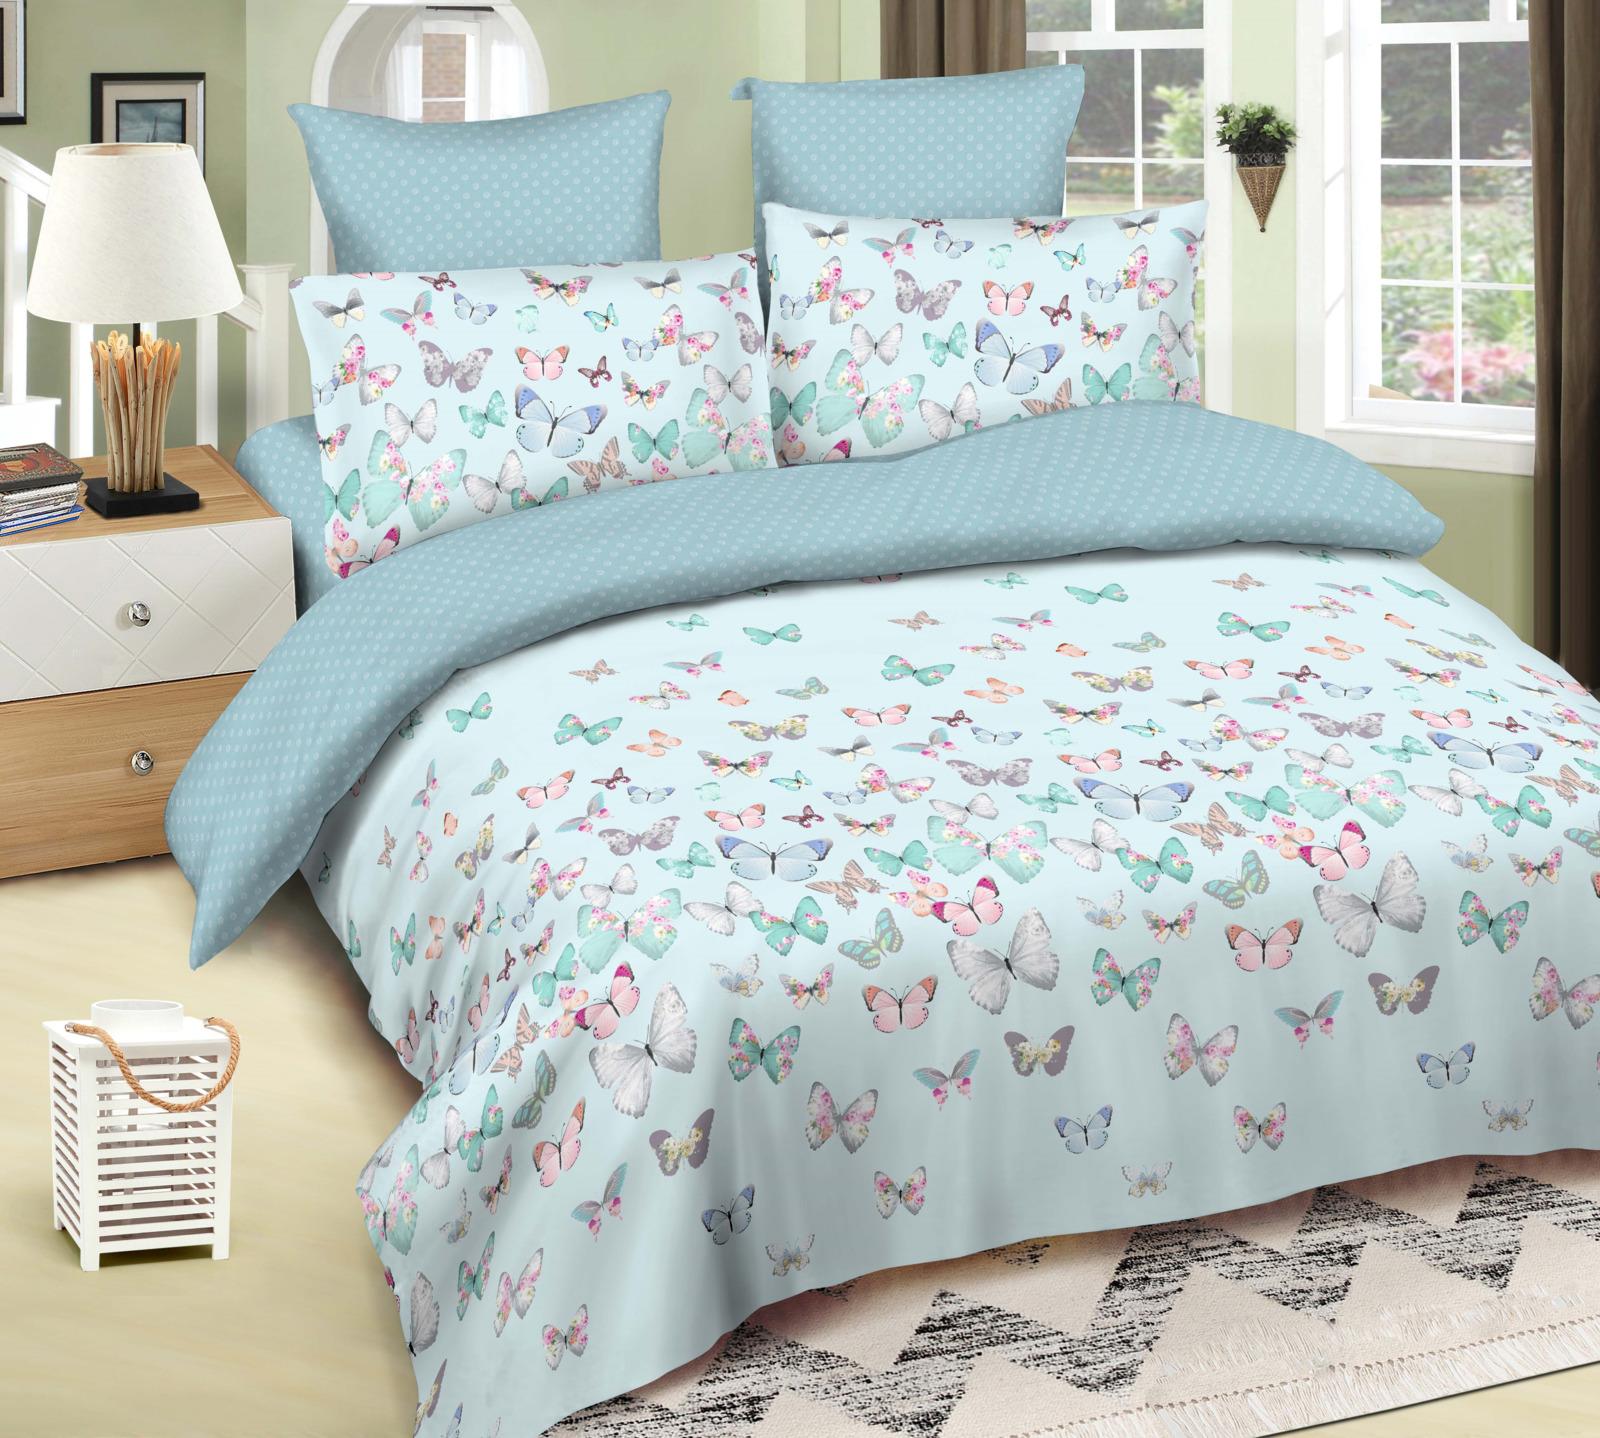 Комплект белья Amore Mio Gold Fiona, 5521, голубой, 1,5-спальный, наволочки 70x70